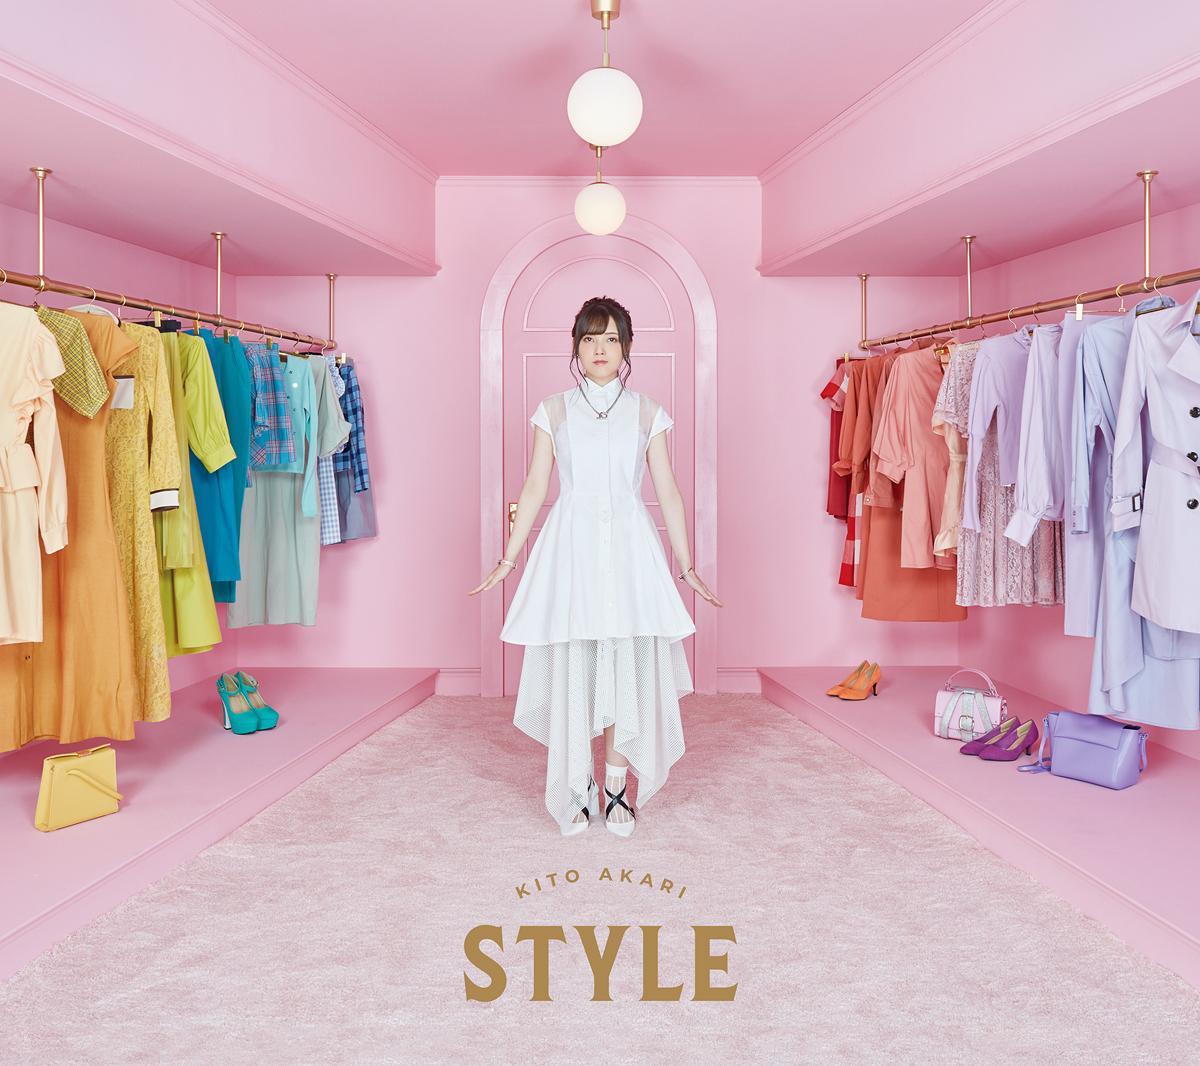 鬼頭明里1stアルバム「STYLE」初回限定盤